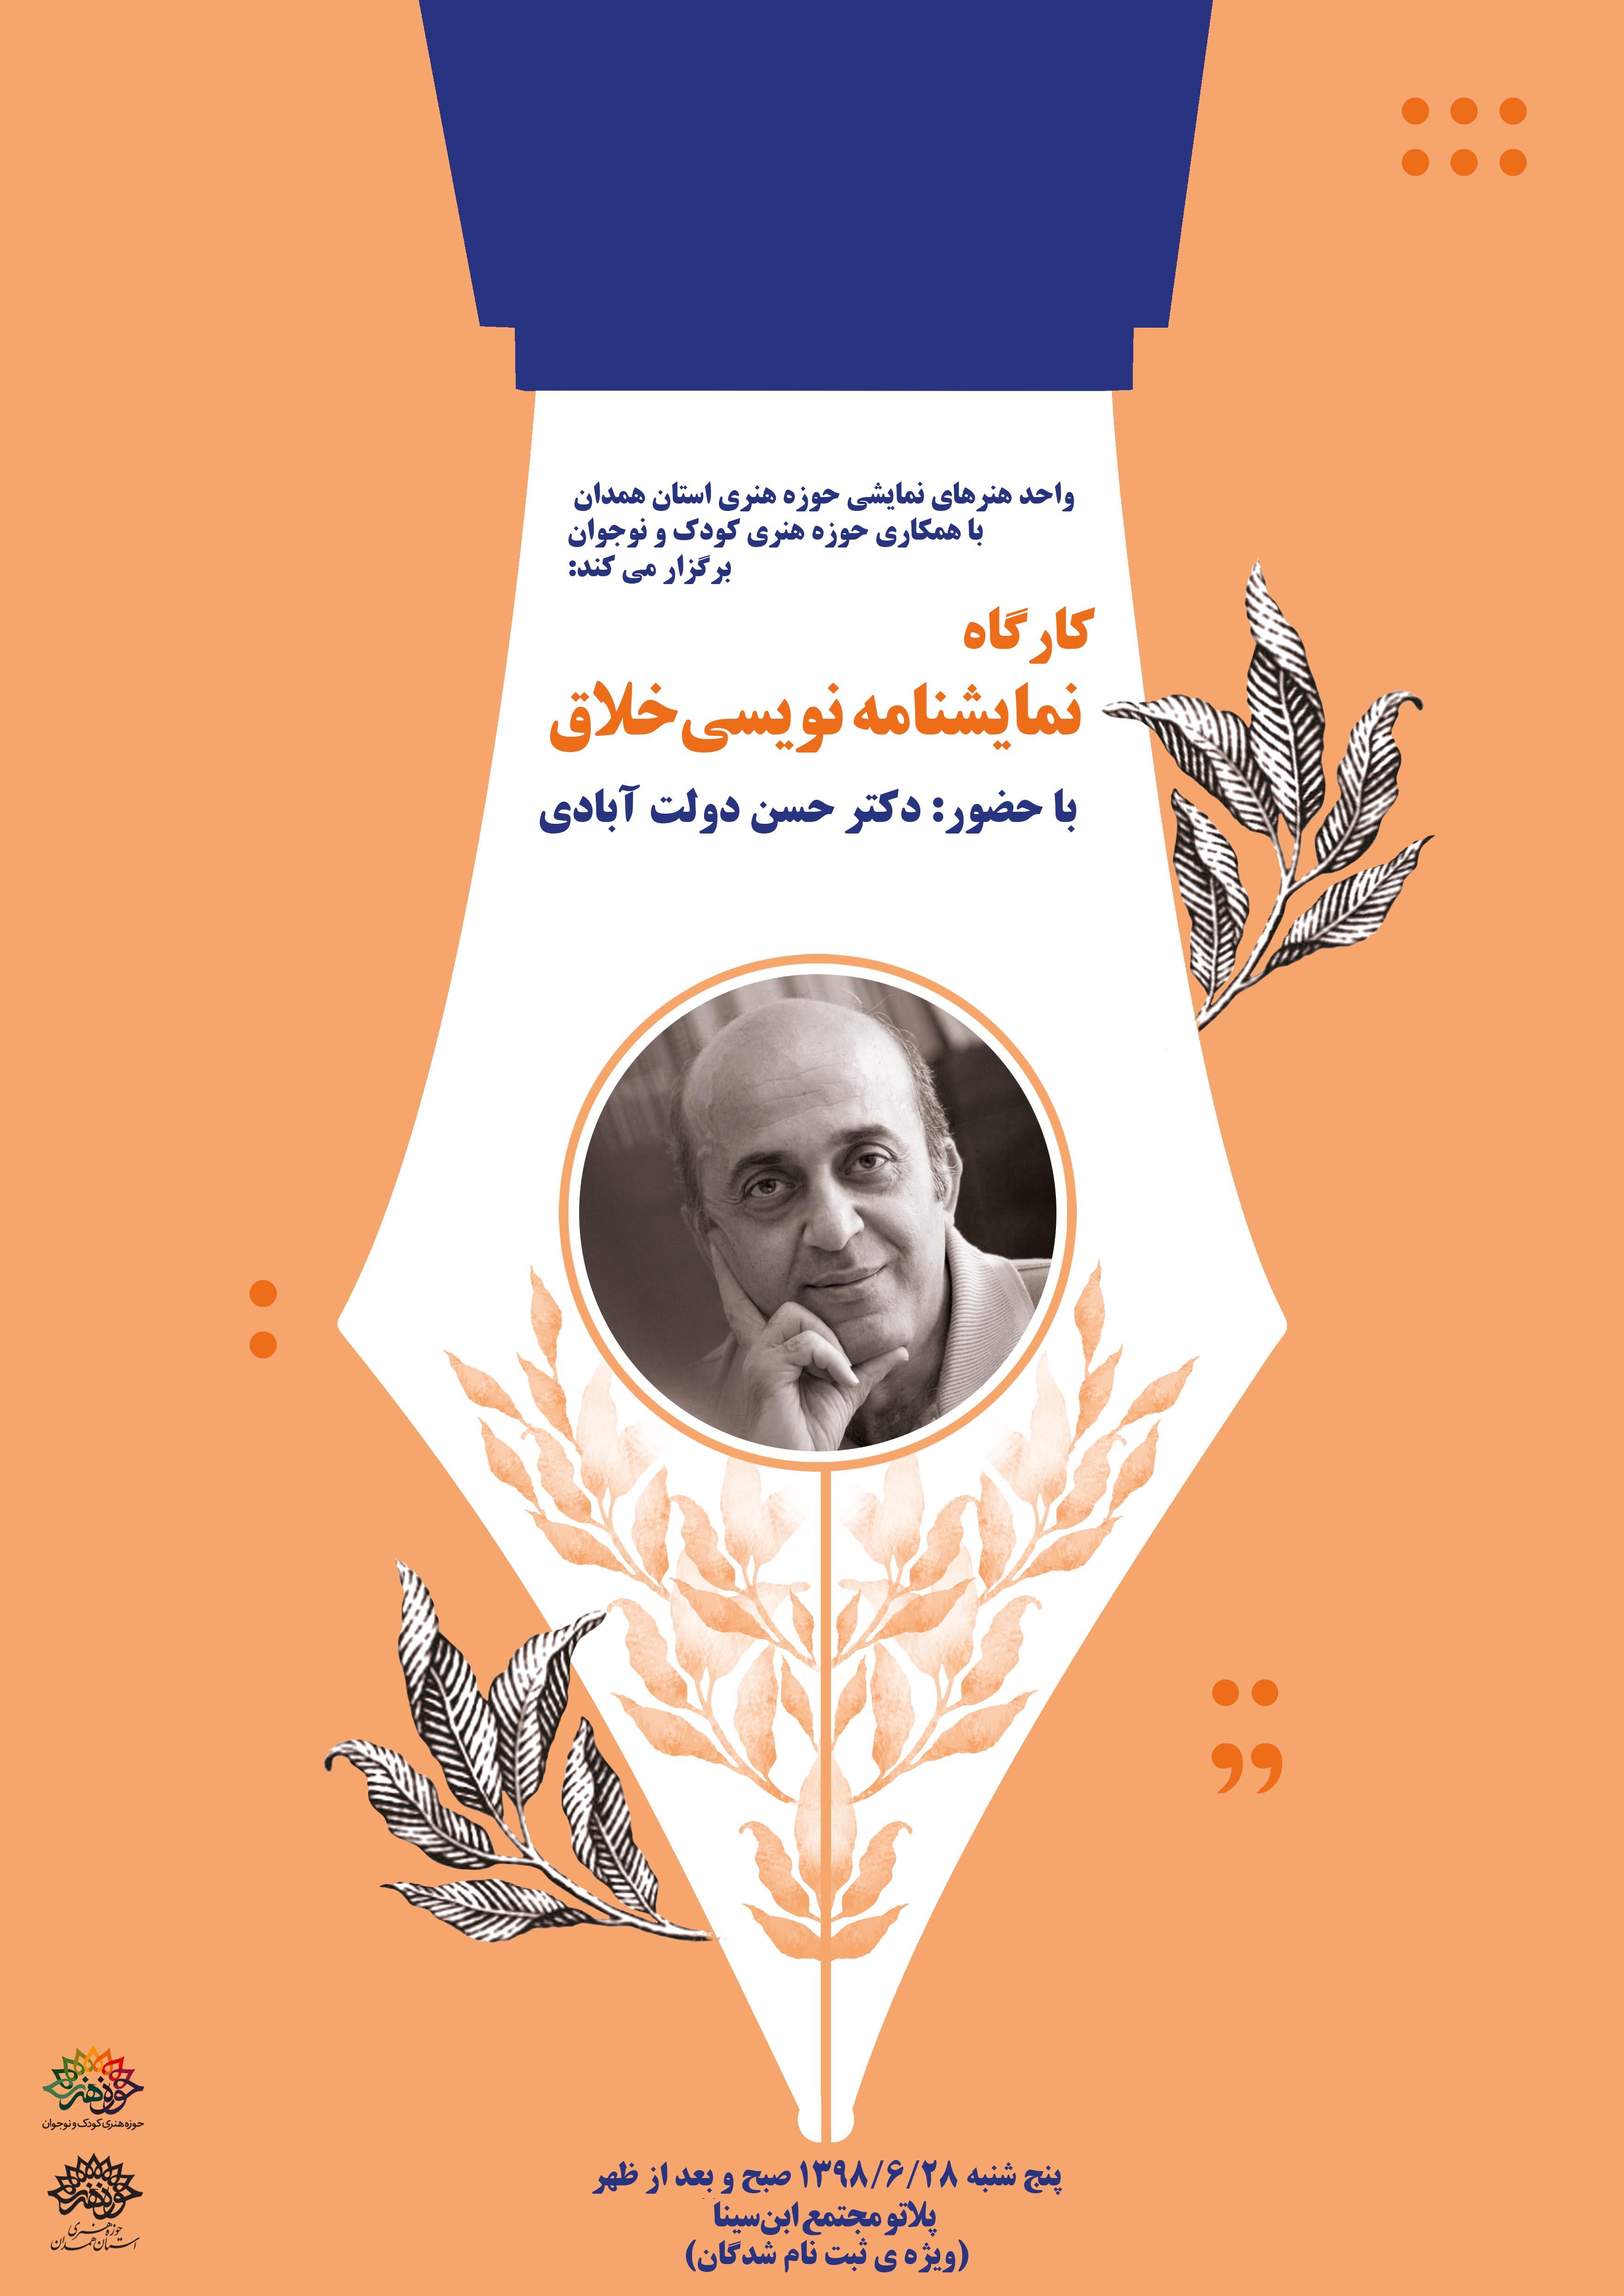 برگزاری کارگاه نمایشنامه نویسی خلاق با حضور استاد حسن دولت آبادی